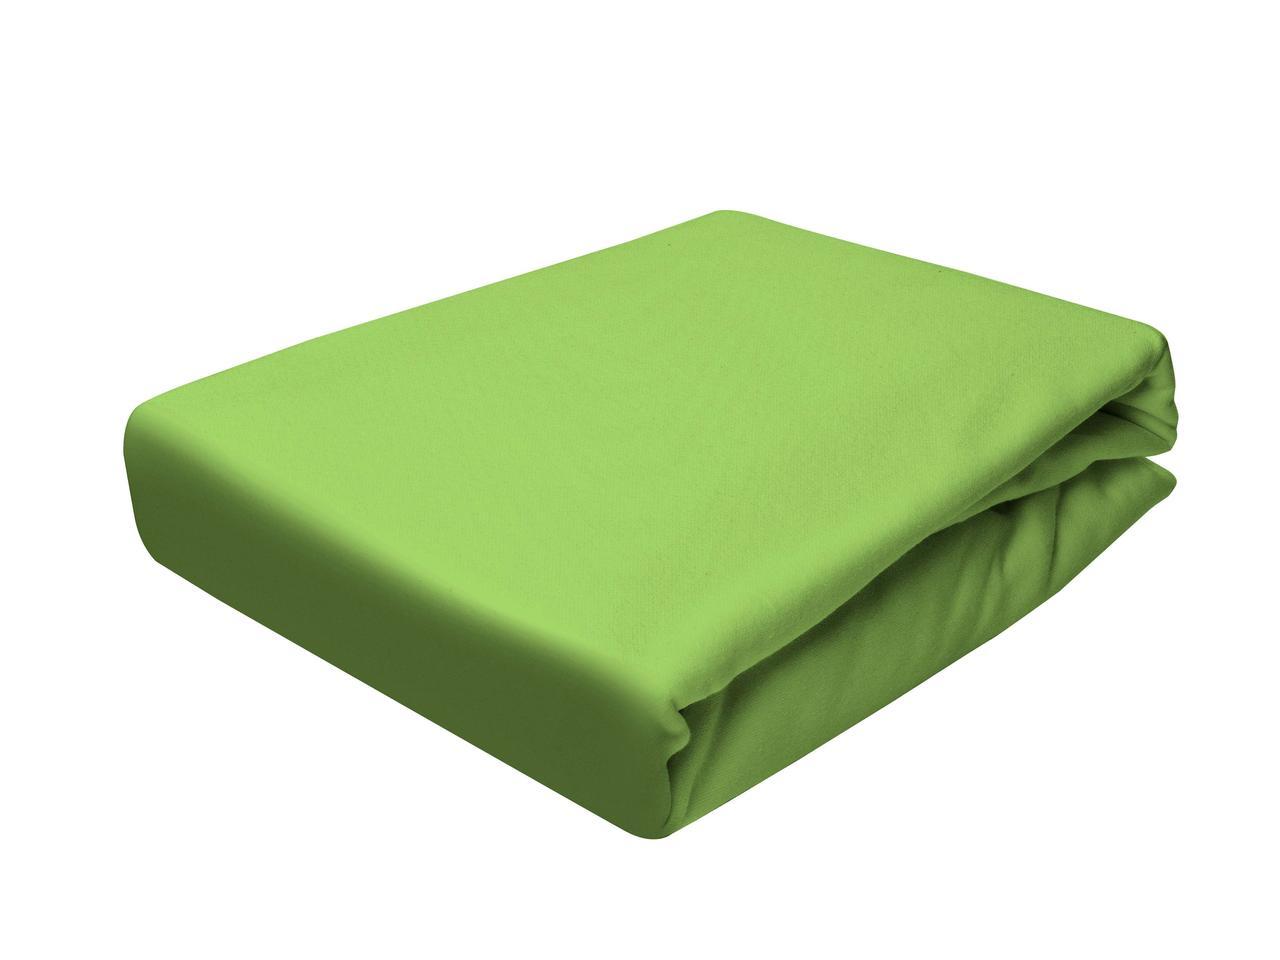 Простыня Трикотажная На резинке NR 052D Darymex 4822 90x200 см Зеленая